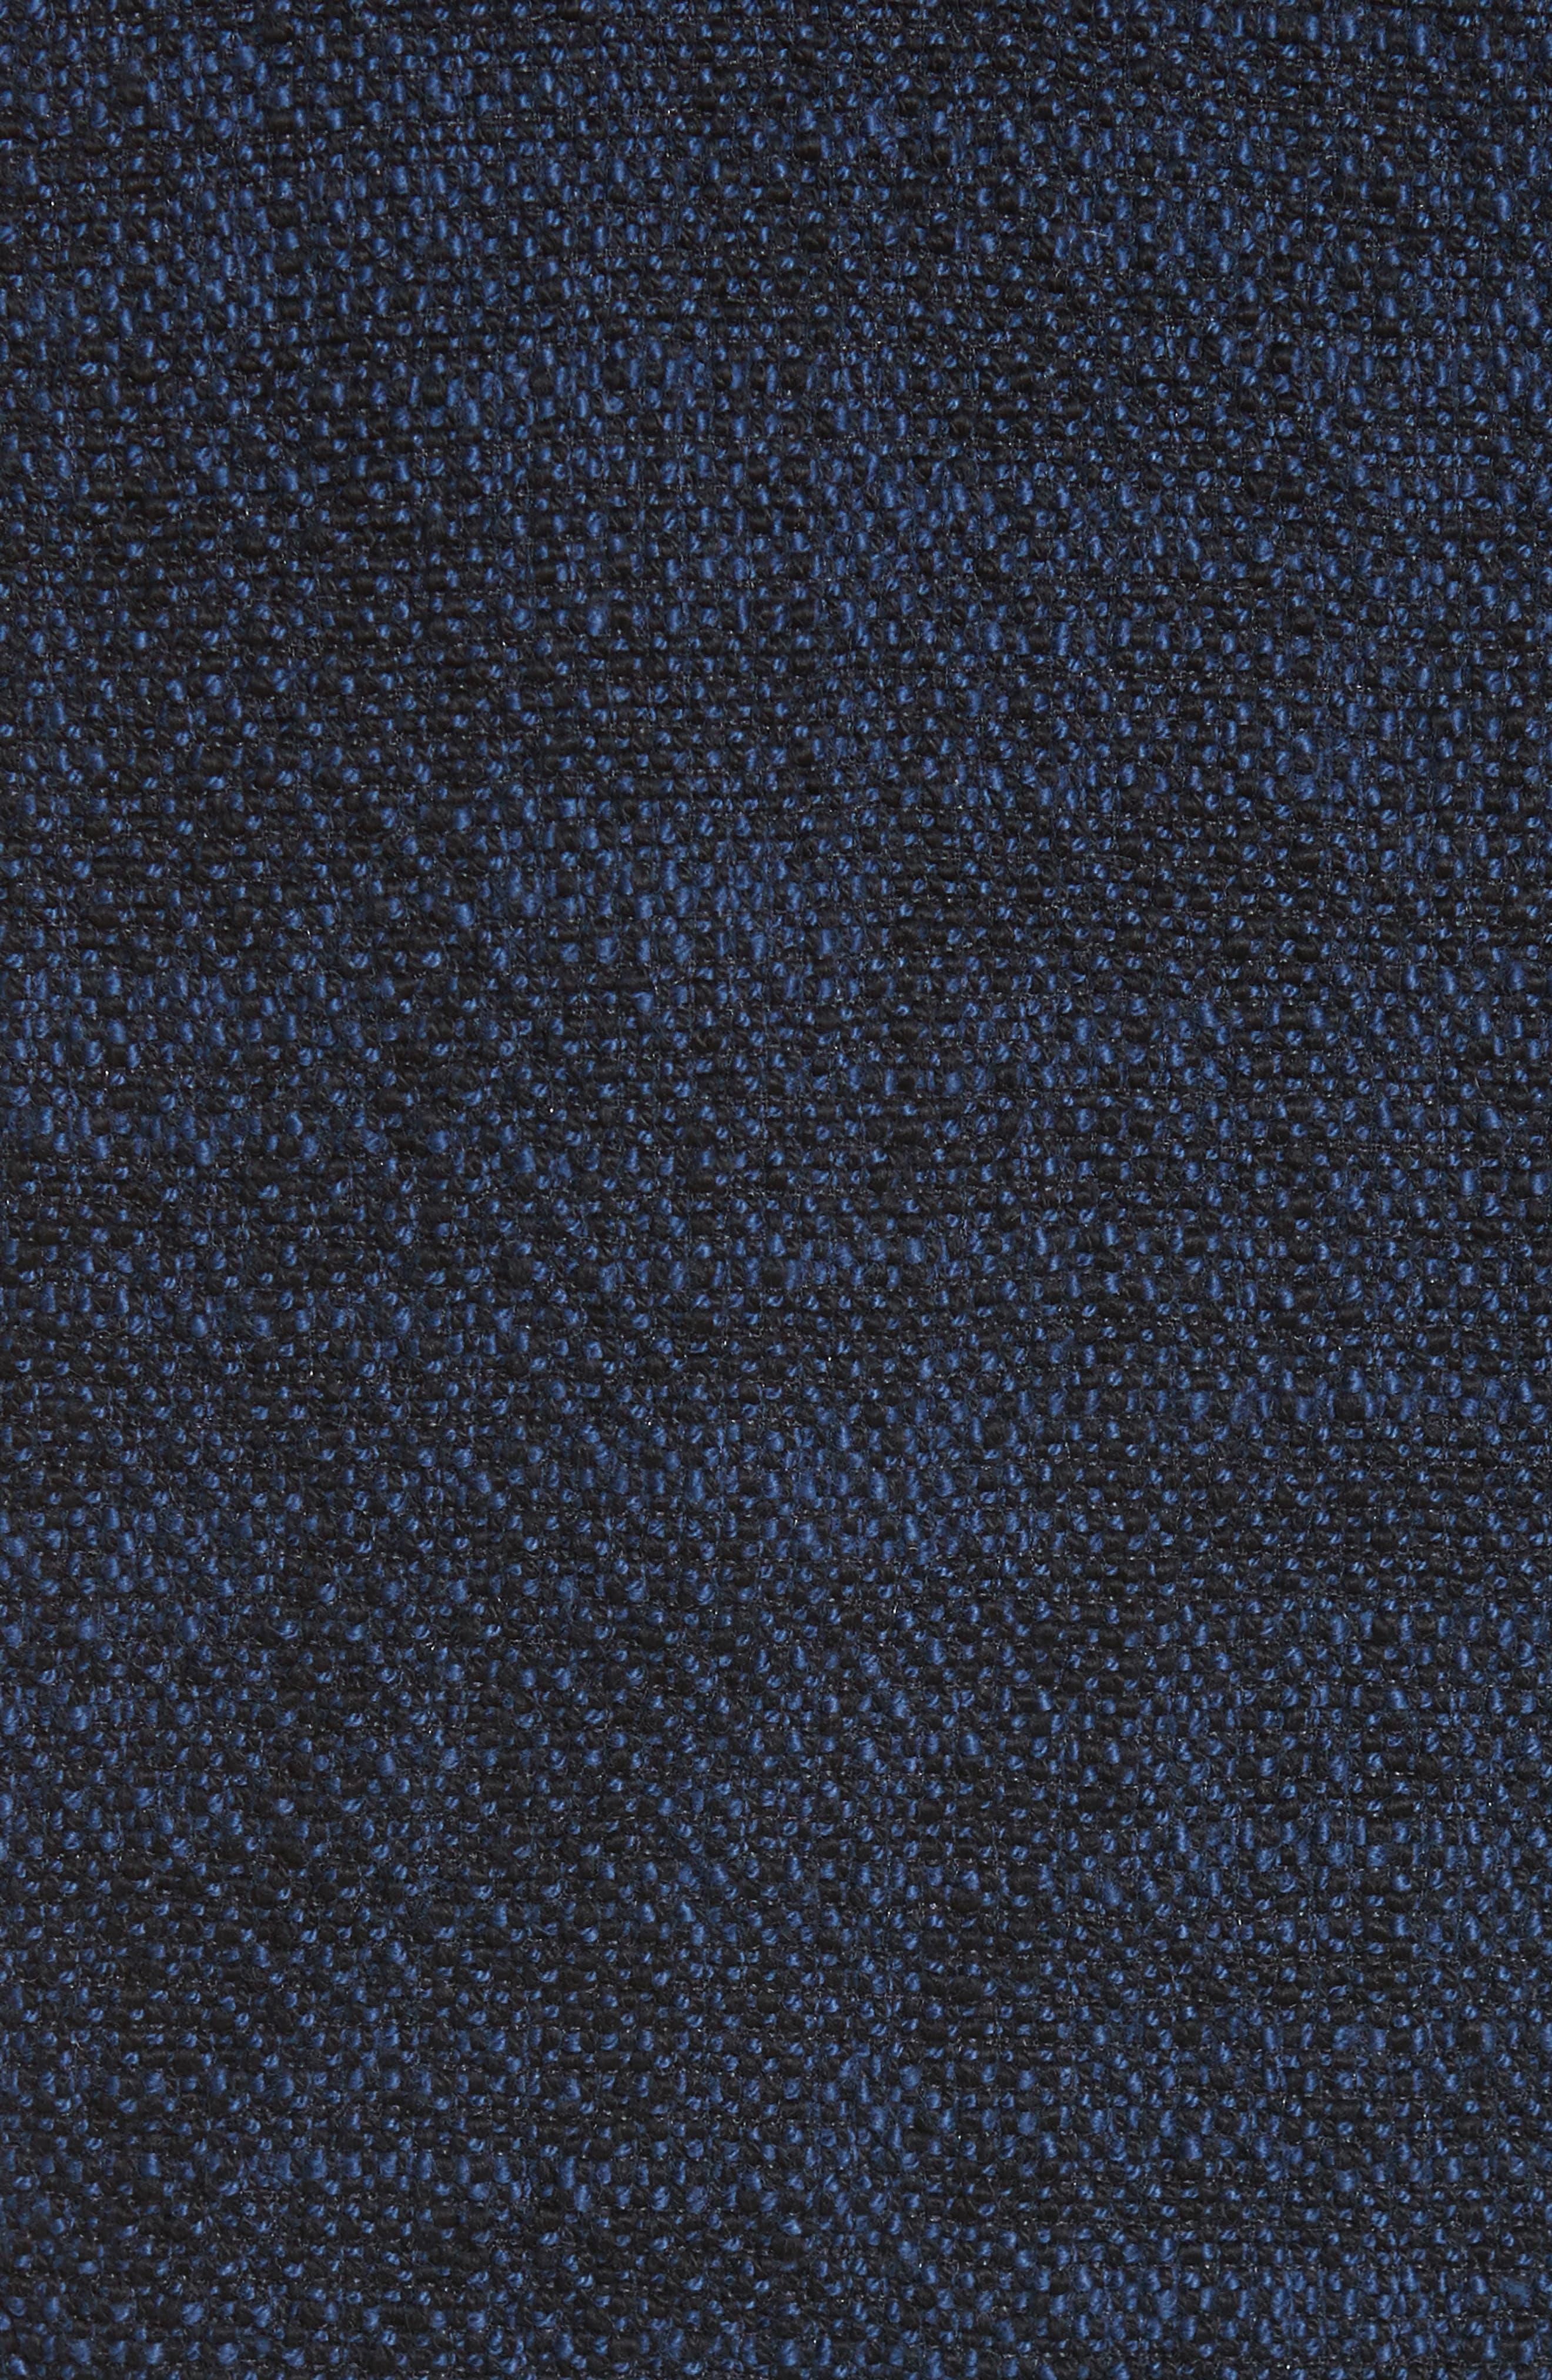 Ruffle Hem Tweed Dress,                             Alternate thumbnail 5, color,                             491